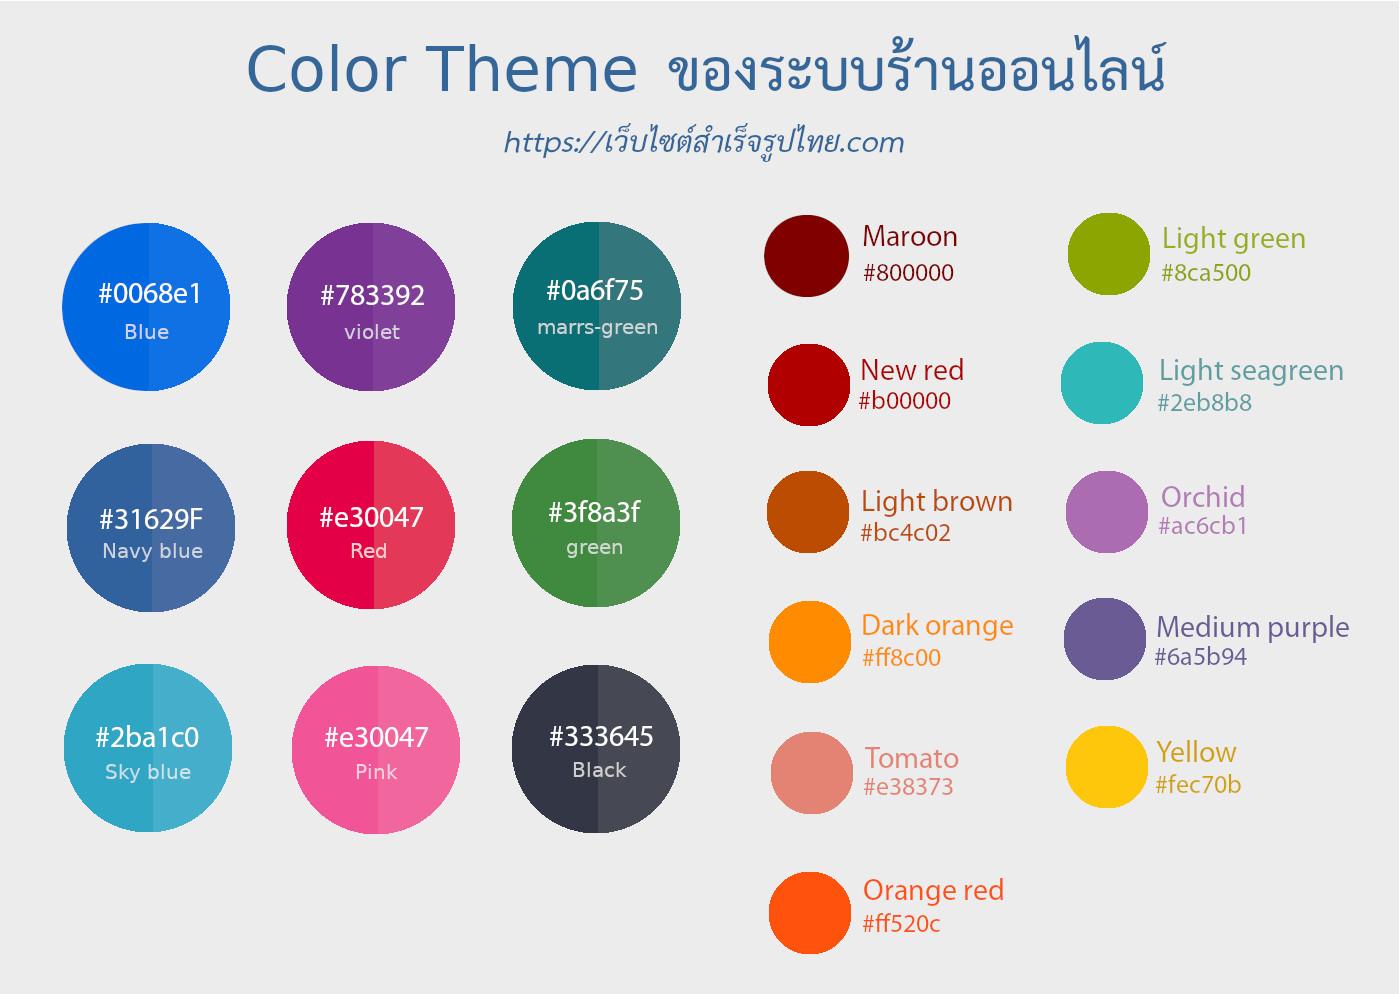 เปลี่ยนรูปลักษณ์ของร้านออนไลน์ หน้าร้านขายออนไลน์ ด้วยเทมเพลต สีธีม เมนูเว็บไซต์และอื่นๆ อีกมากมาย ด้วยการจัดการสีธีม ที่ง่ายมาก คุณสามารถเลือกสีธีมที่มีการกำหนดไว้แล้ว มากถึง 20 สี